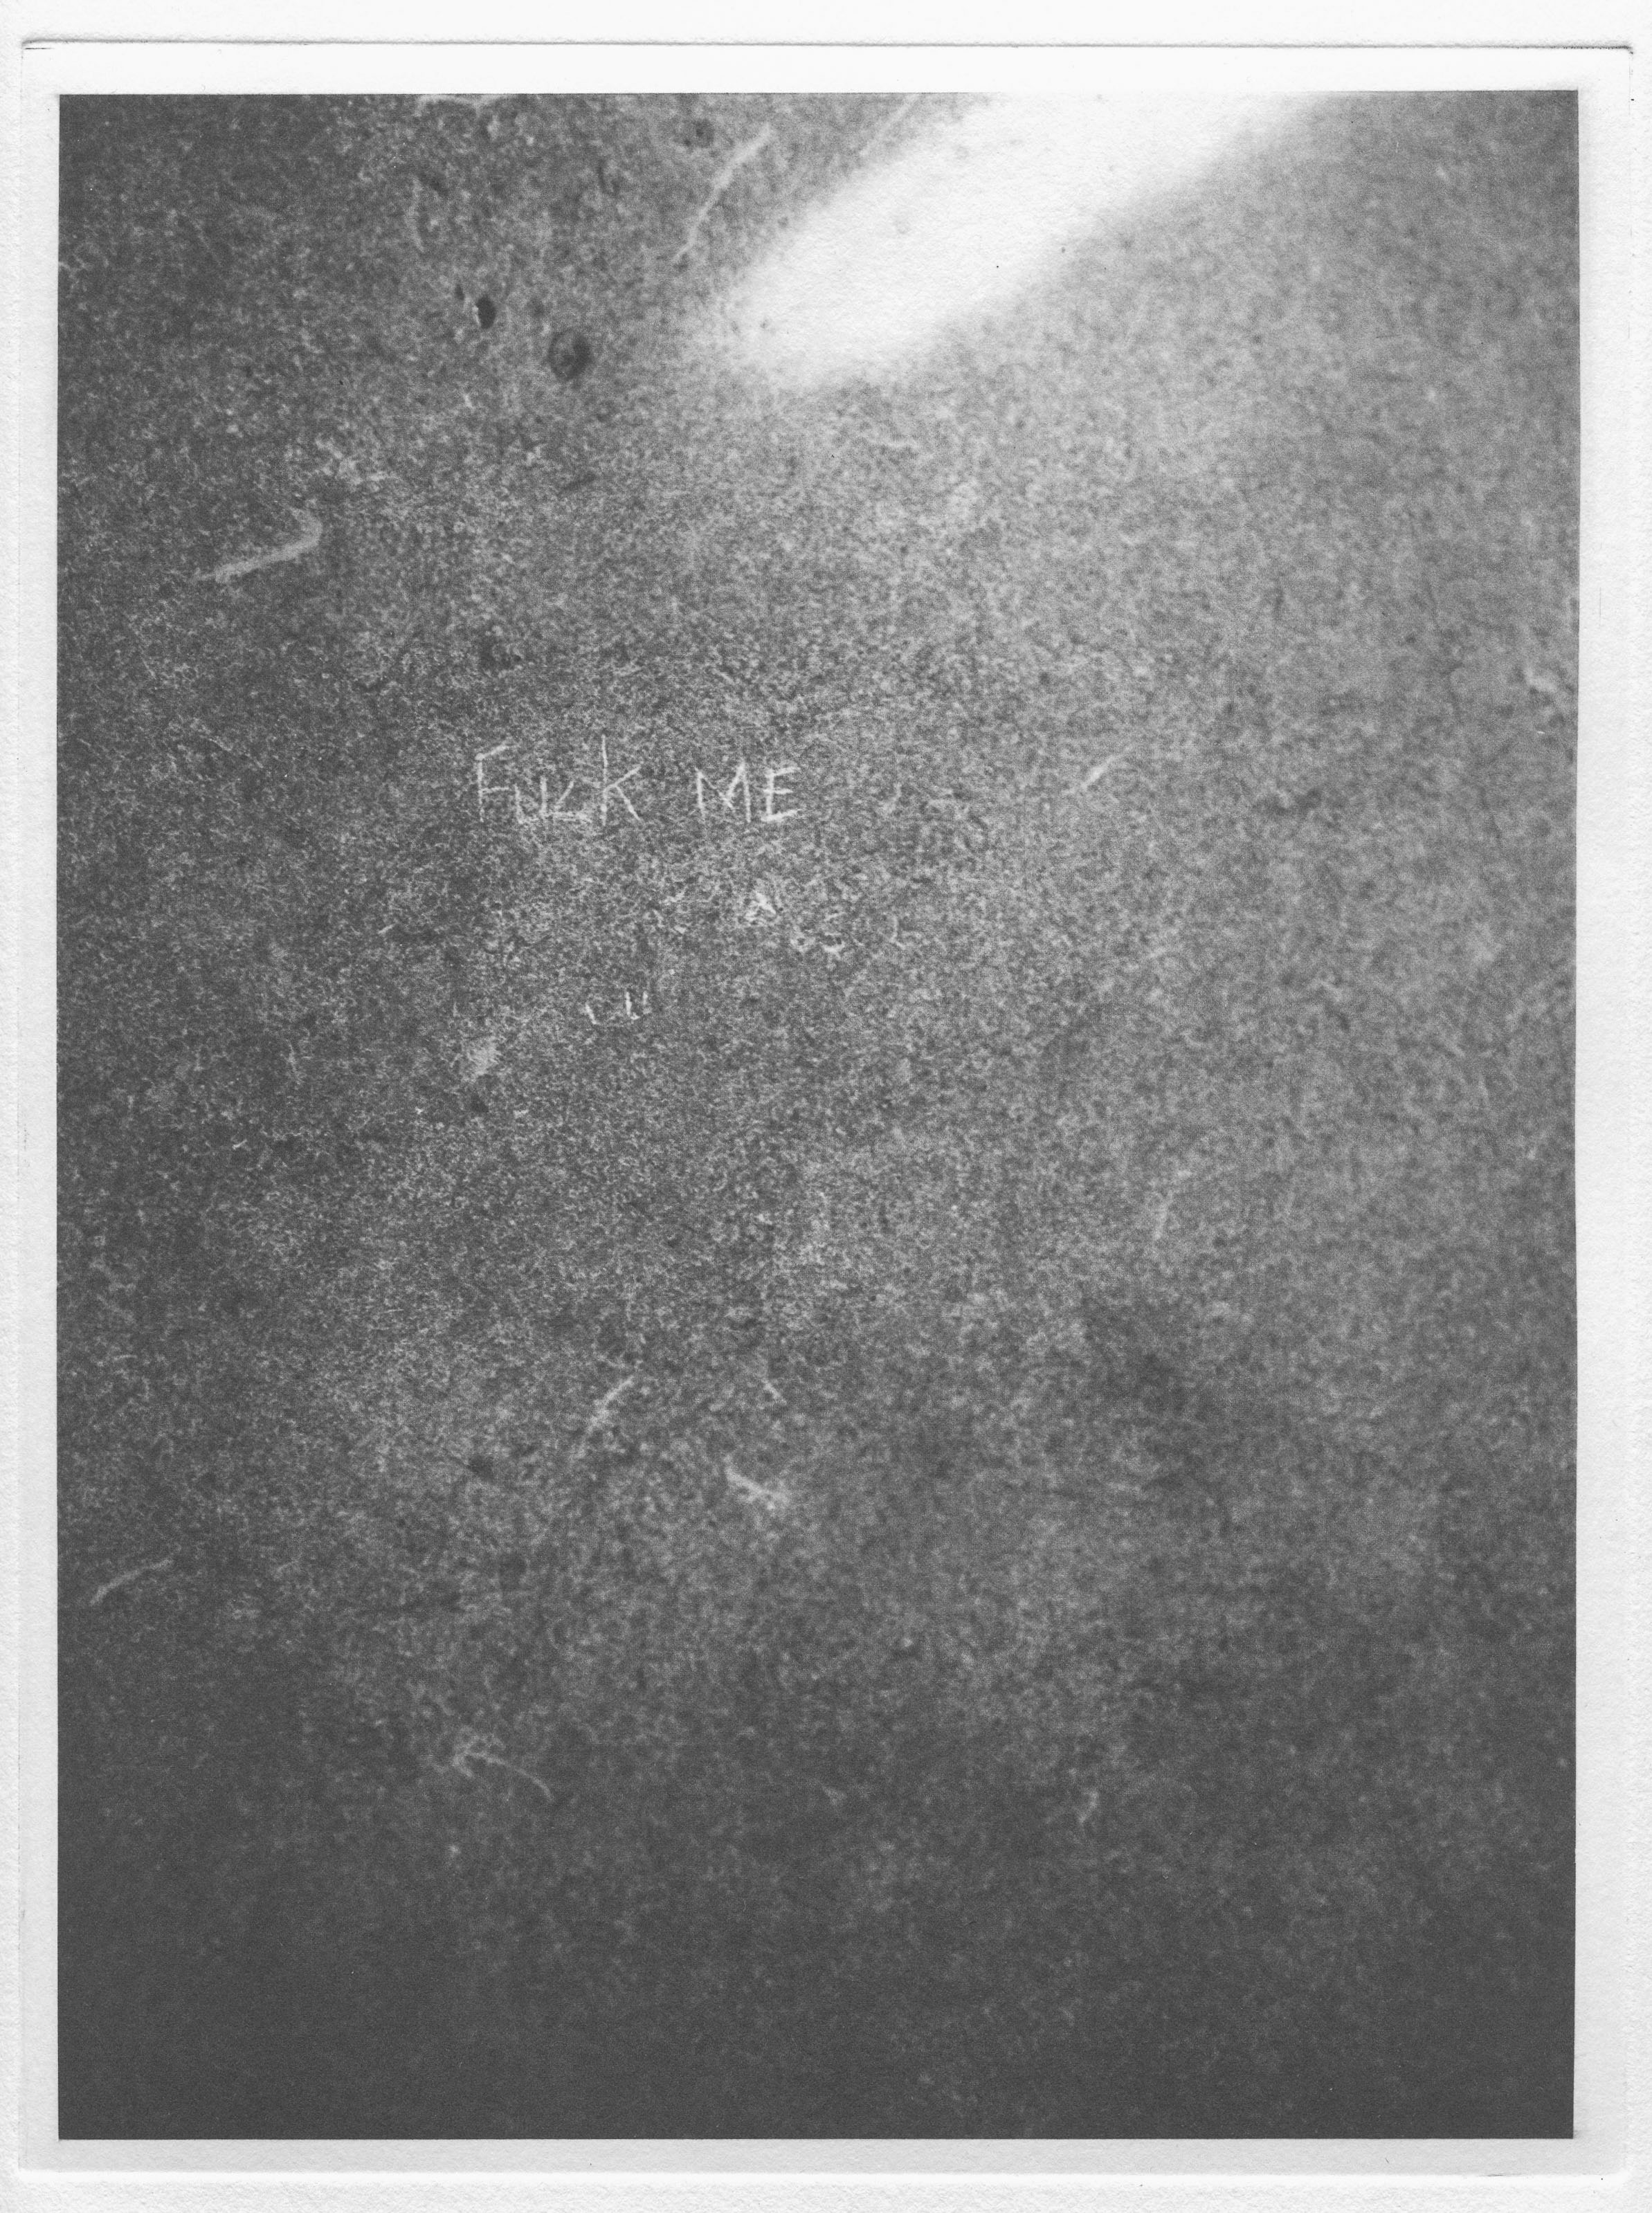 Untitled (Overhead 1_Fuck Me).JPG